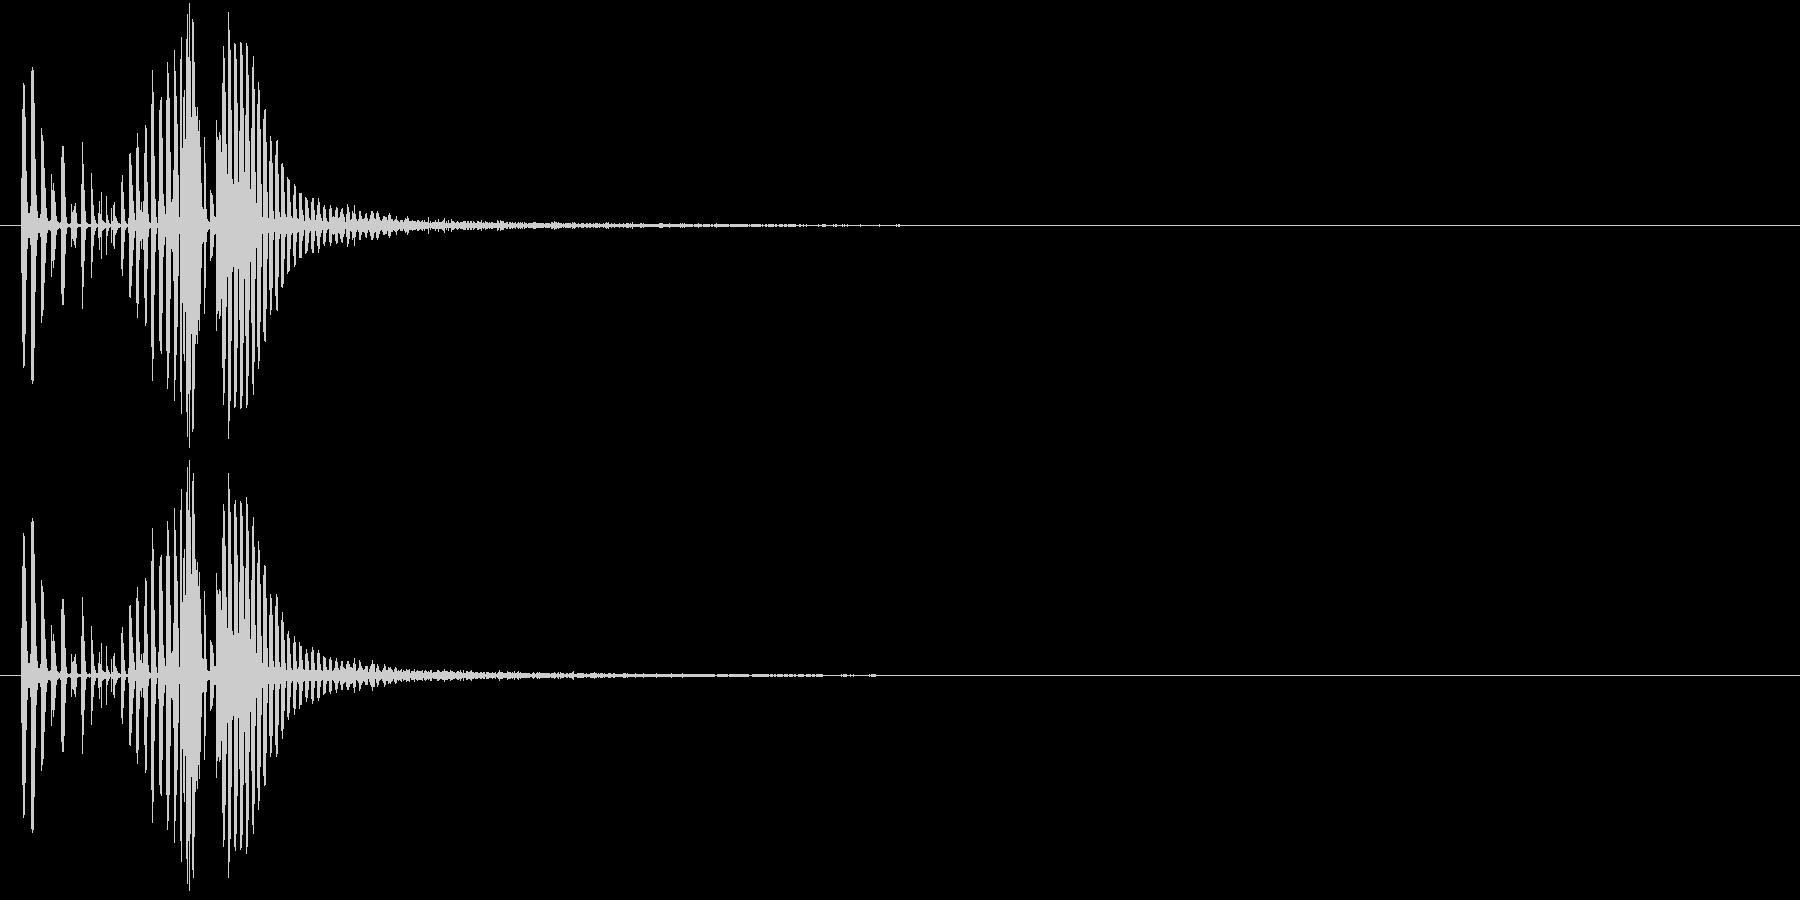 レーザービーム音(ピ、チューン)の未再生の波形